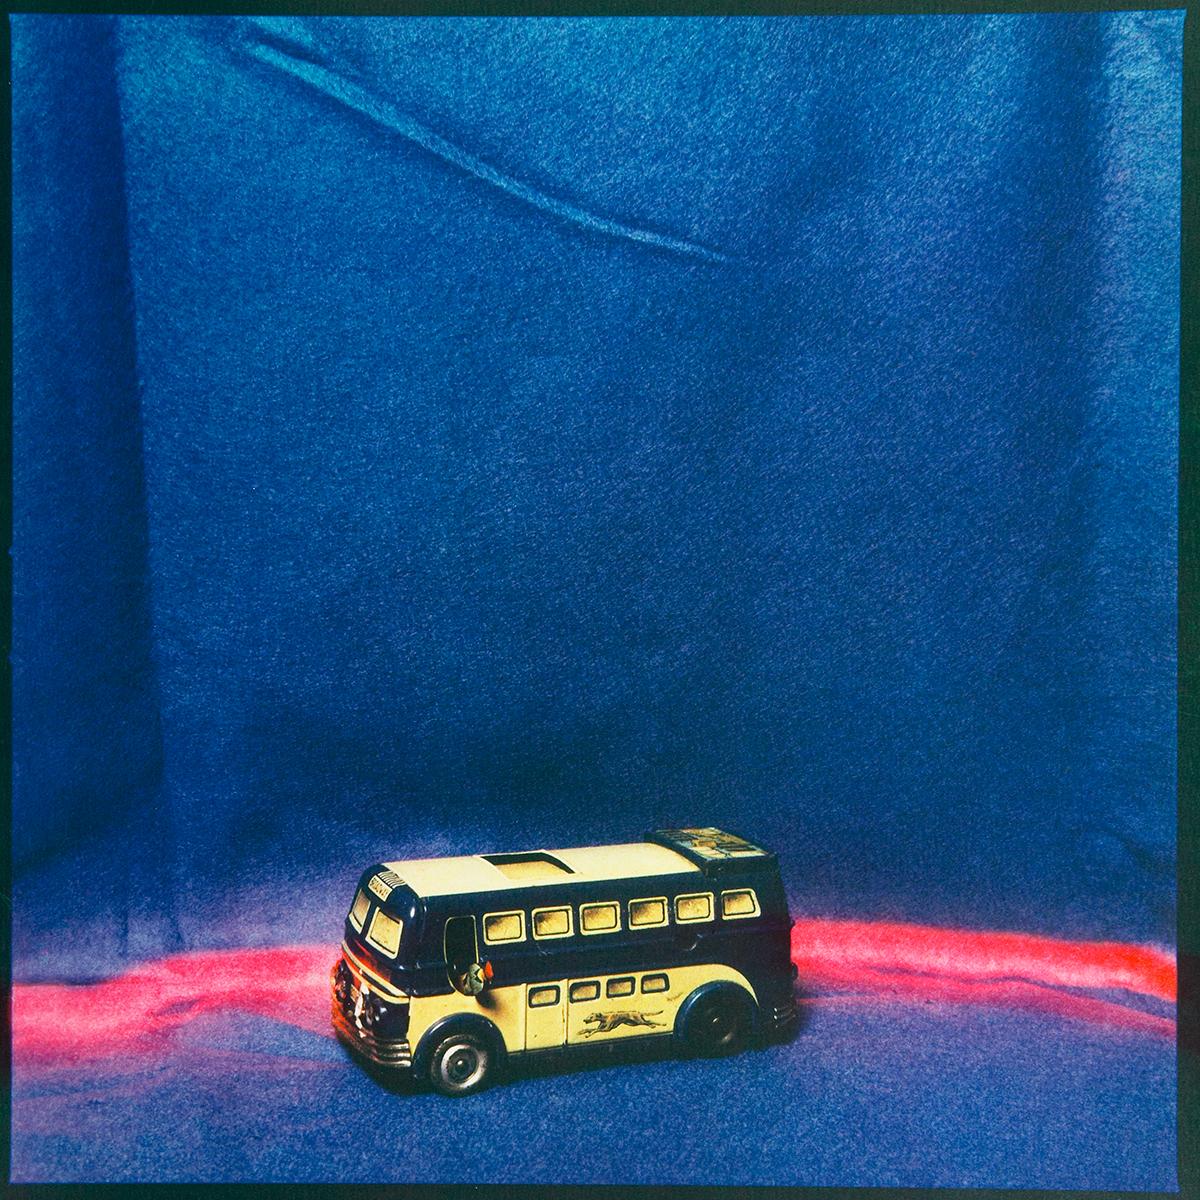 # 11 Les jouets, 1984